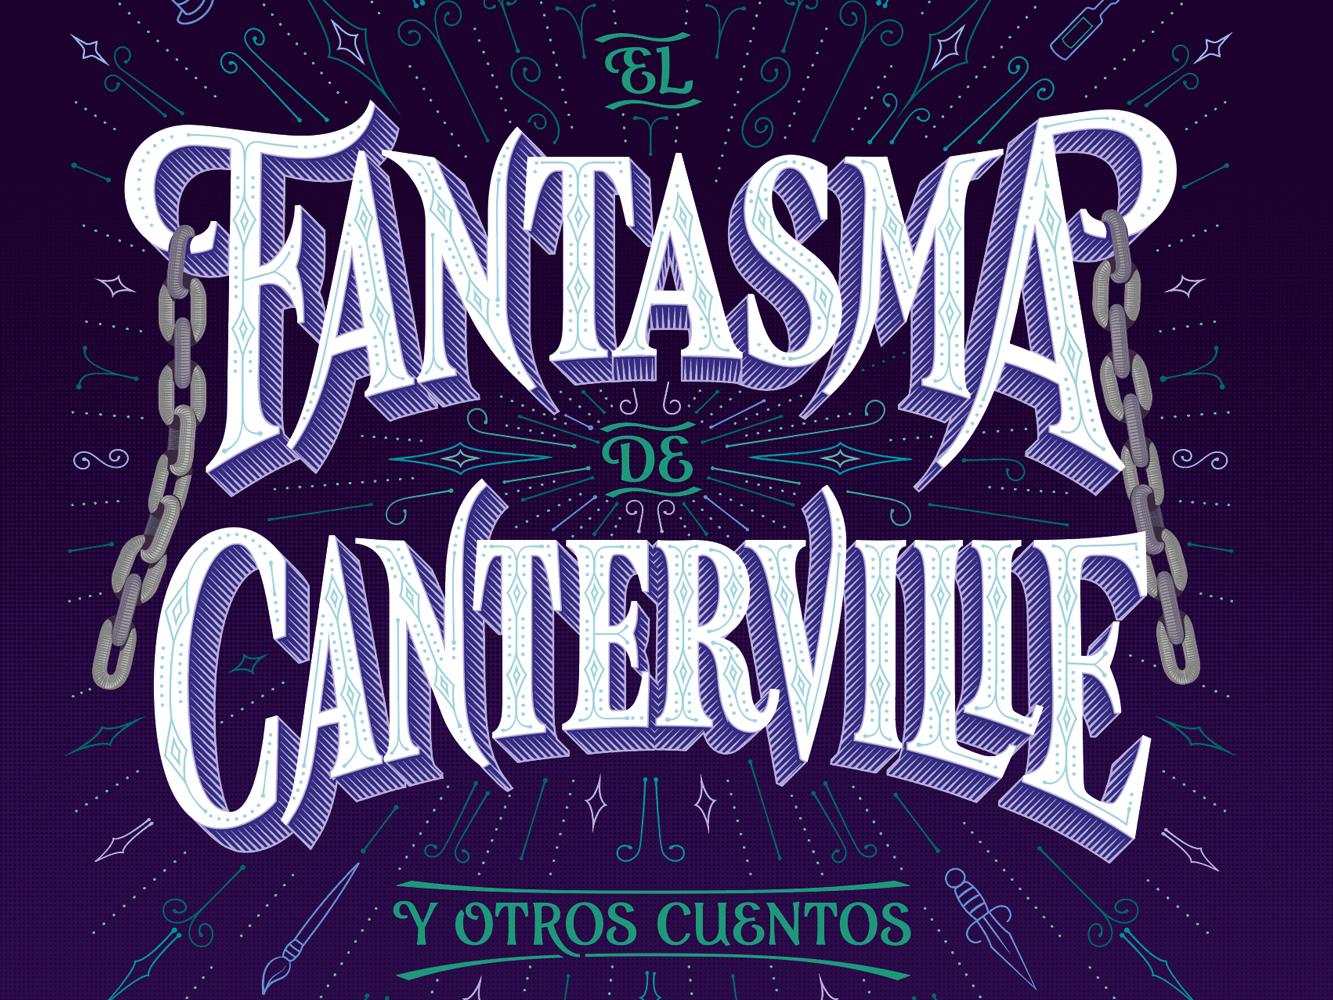 El Fantasma De Canterville. Book Cover